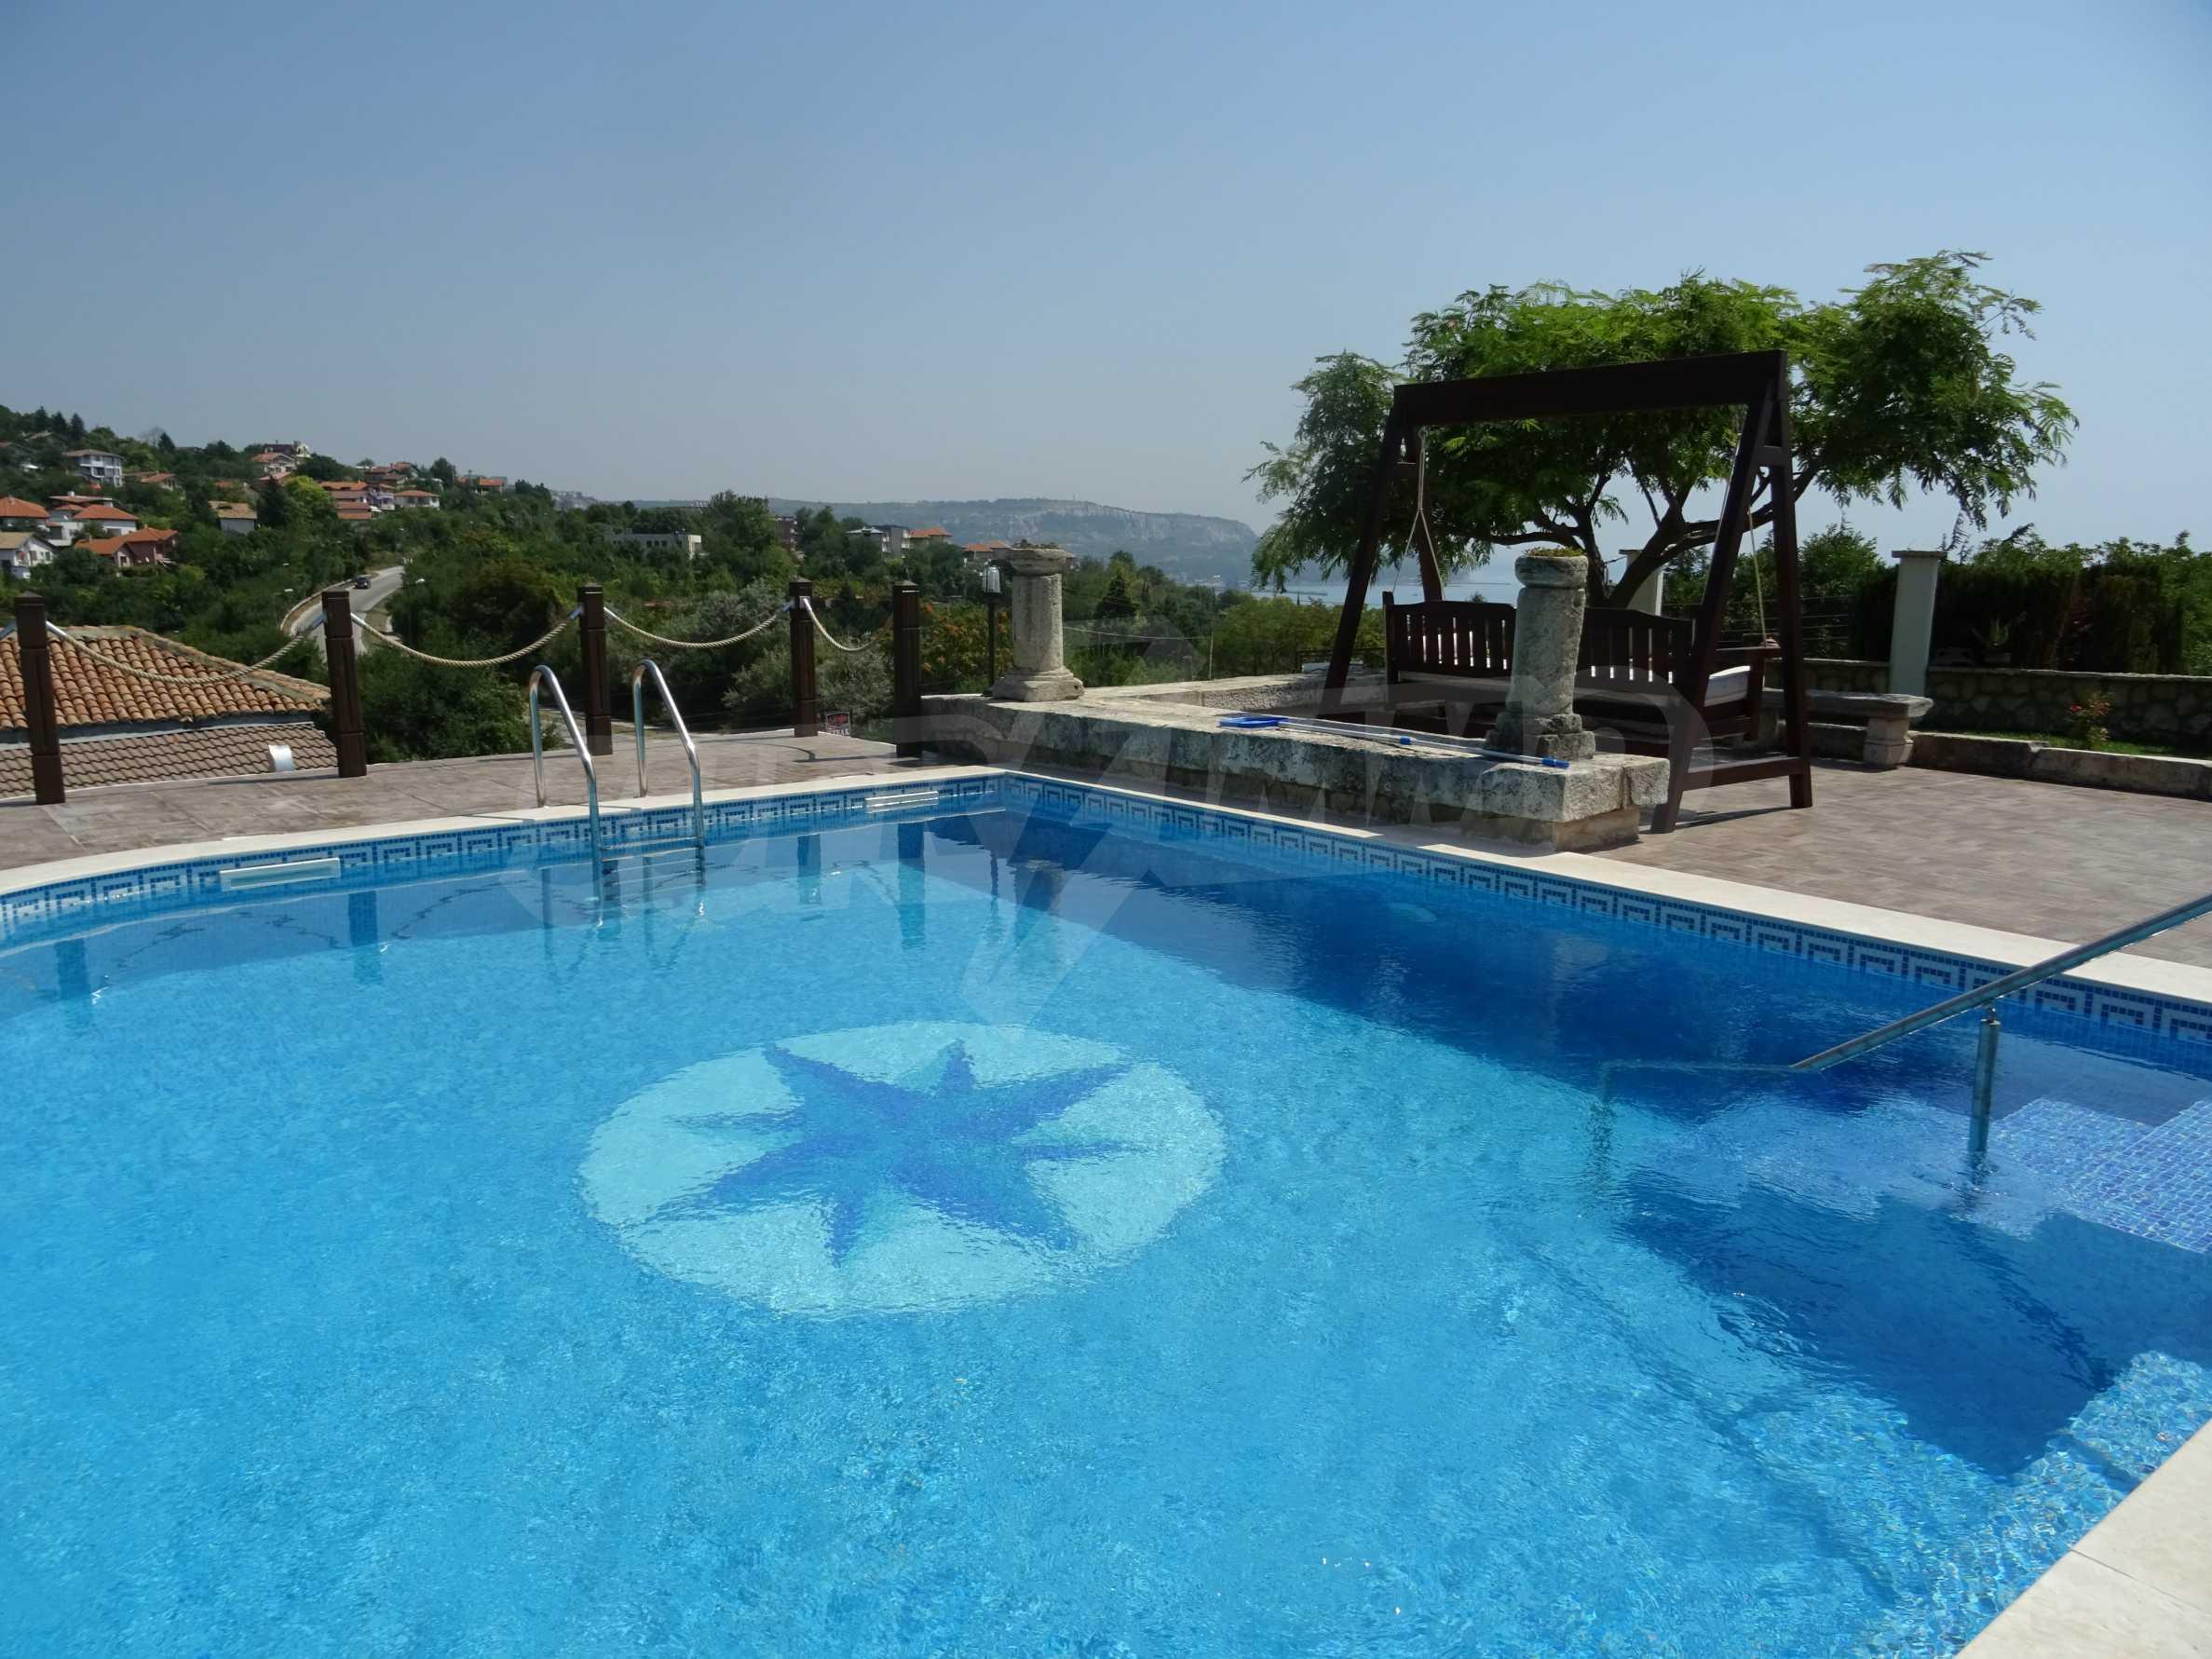 Mediterraner Stil - Luxus zum Sonderpreis 10